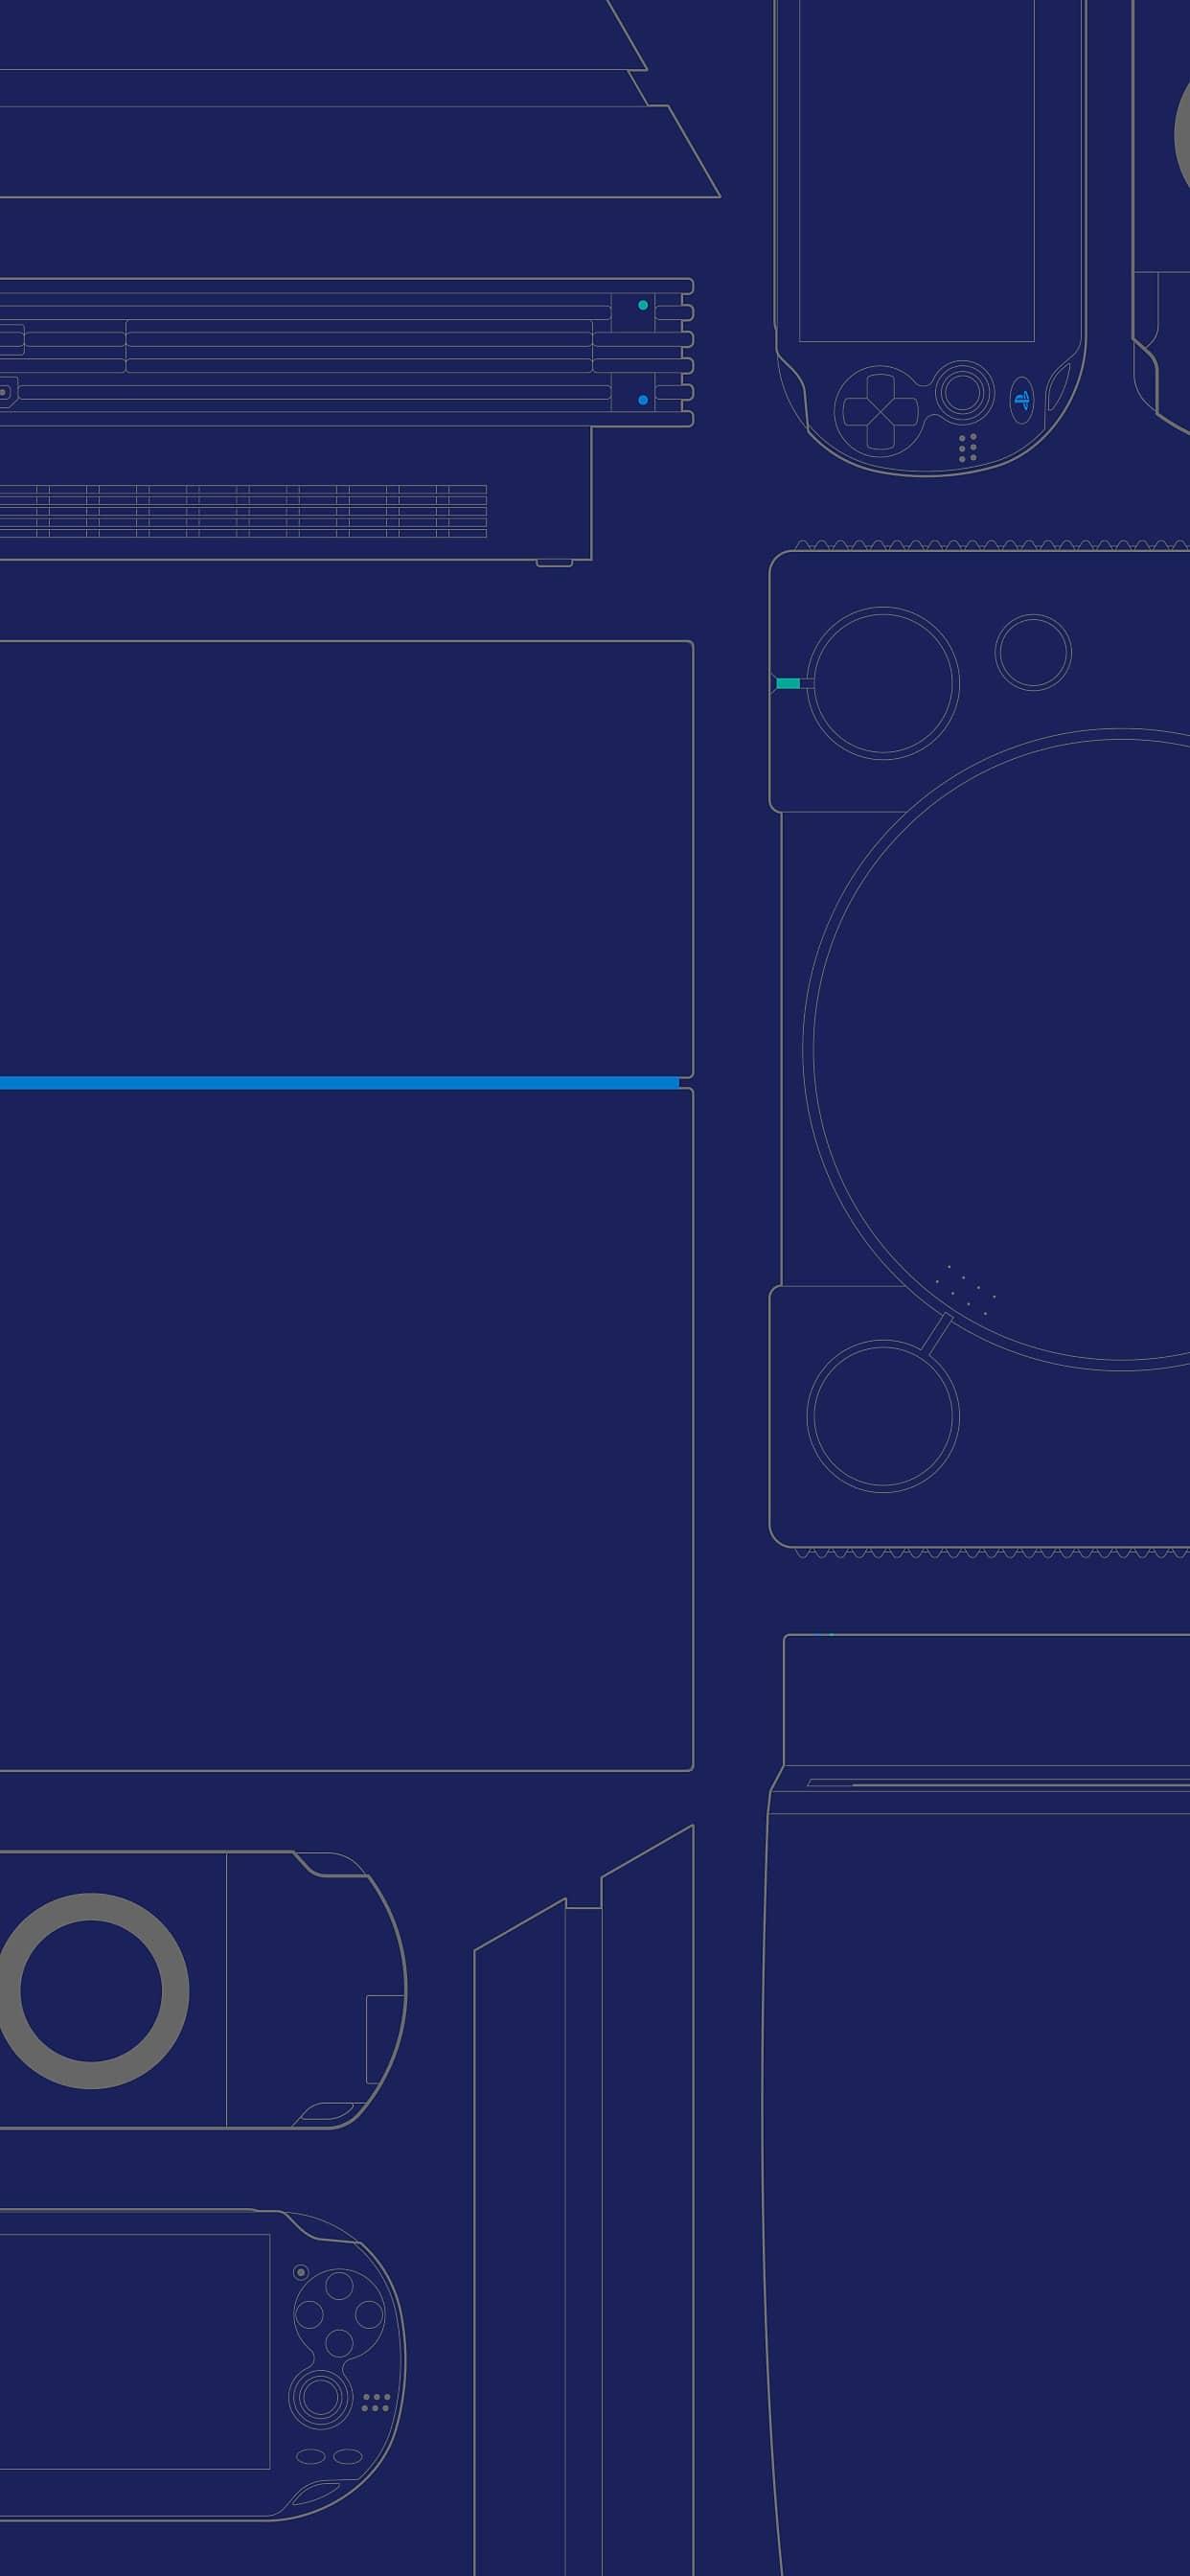 PlayStation oferece 8 papéis de parede em comemoração aos 25 anos 8